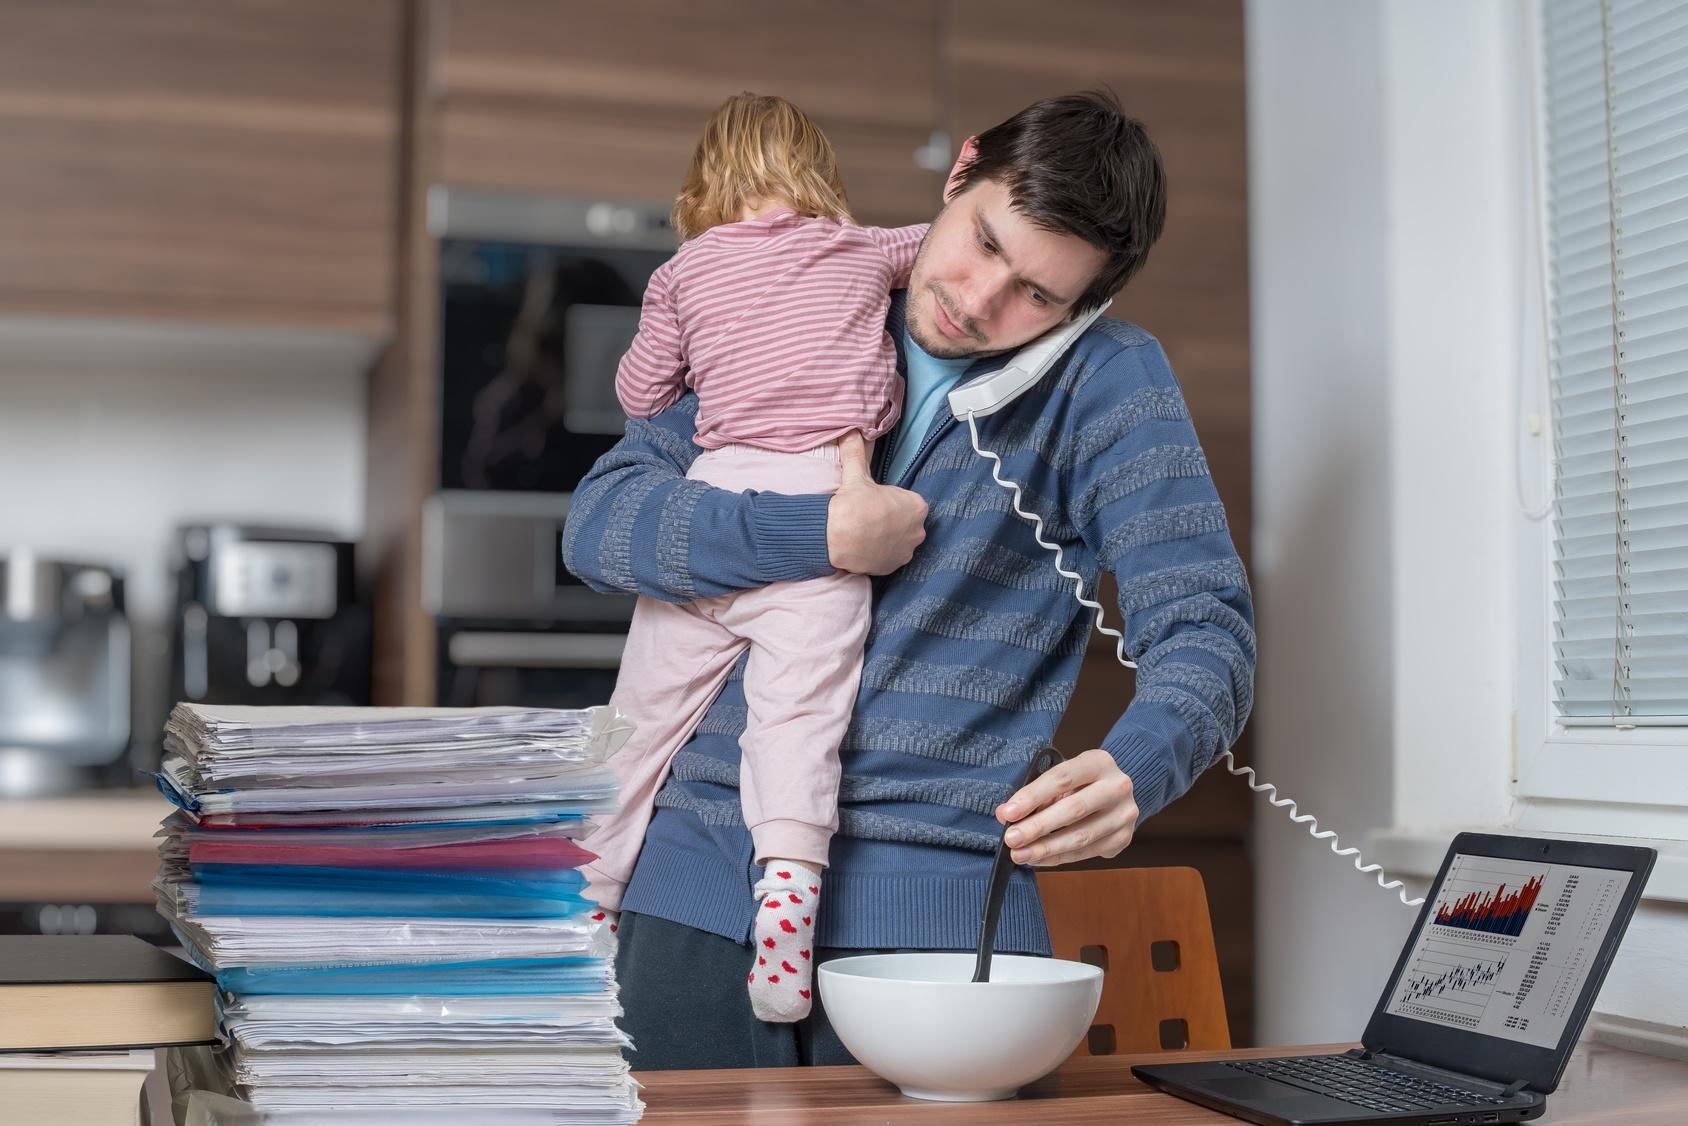 Um ständige Erreichbarkeit zu gewährleisten, arbeitet ein junger Mann während er gleichzeitig Essen zubereitet und ein Kind betreut.